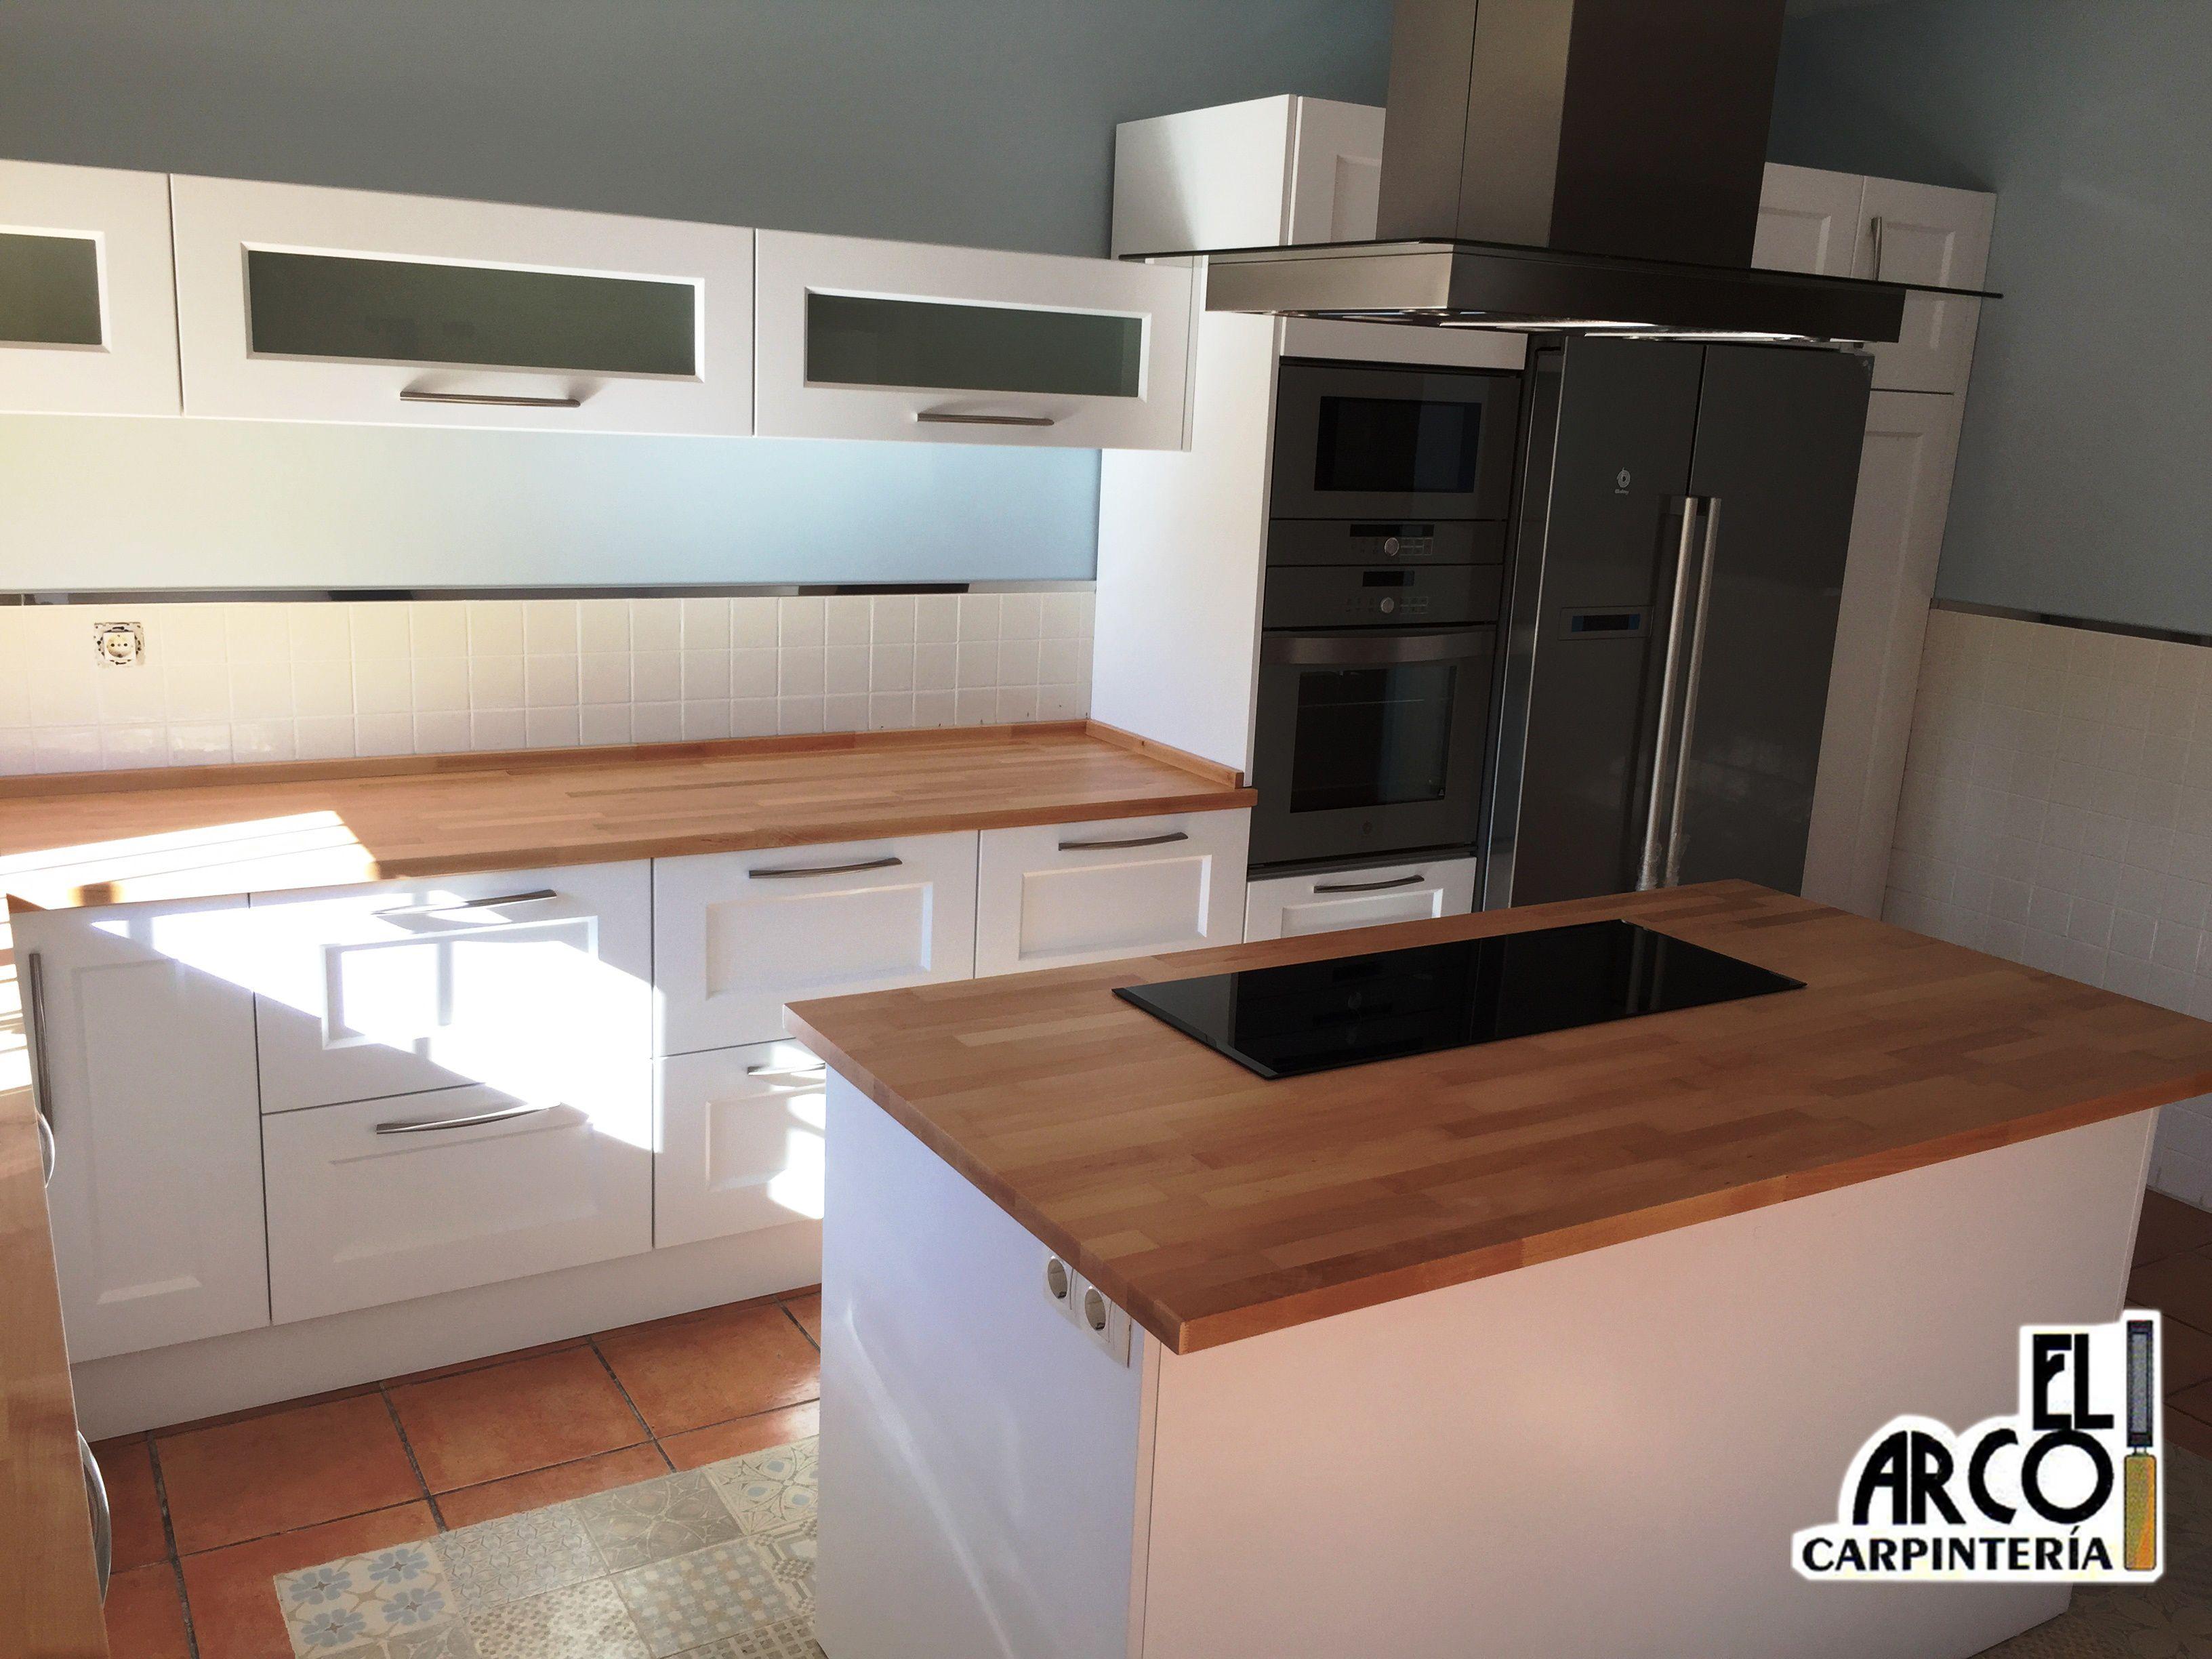 Cocina mdf lacada en color blanco en puertas y cajones - Cajones para cocinas ...